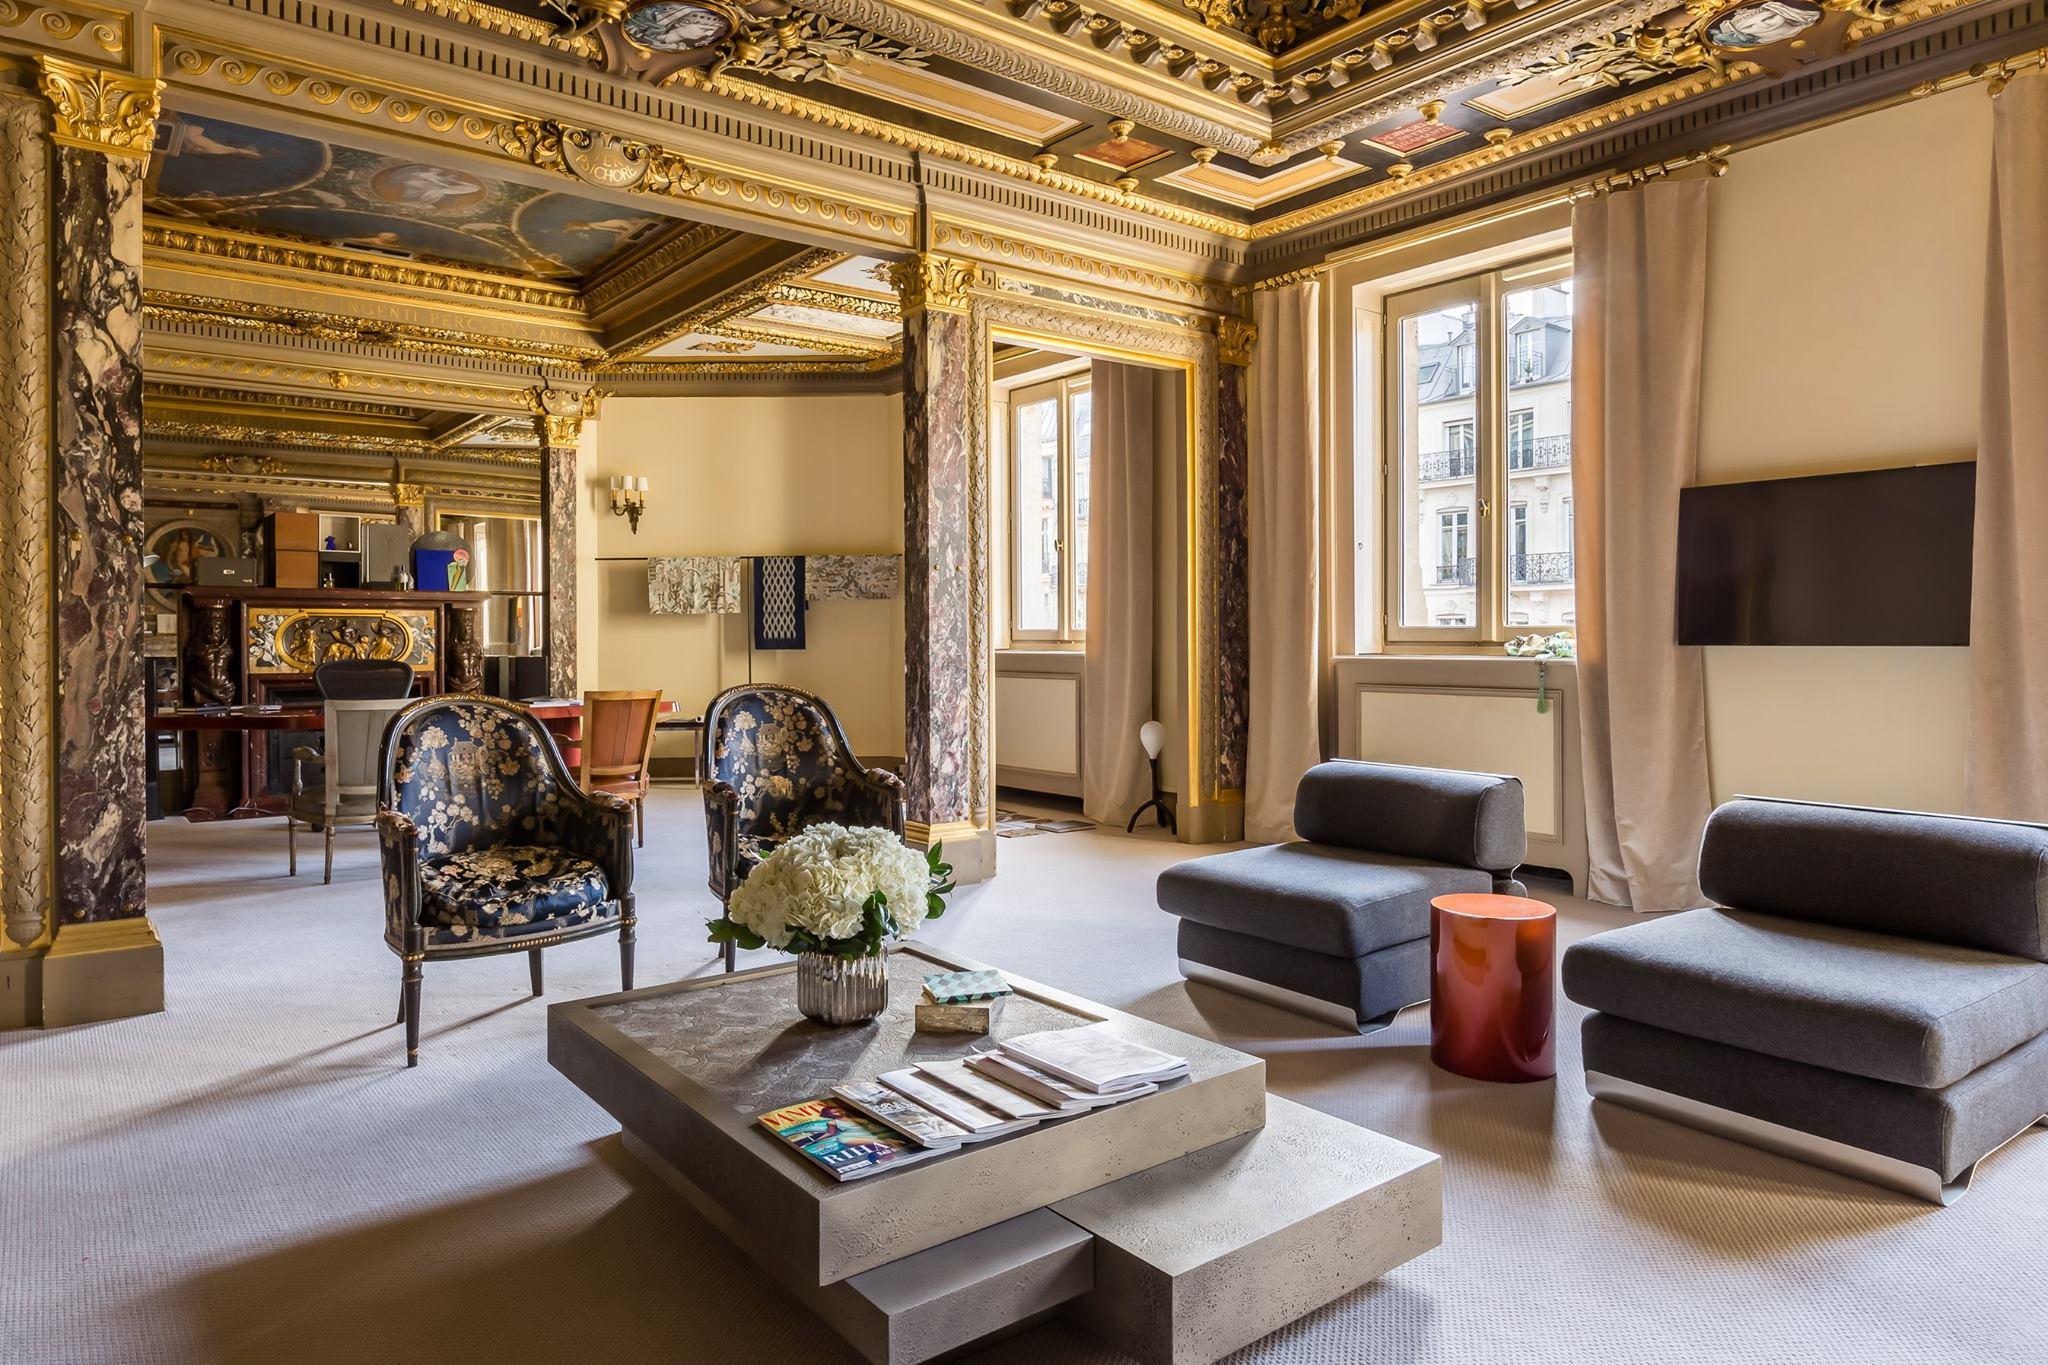 Tristan Auer - Maison & Objet Designer of the Year 2017 - Wilson Associates Paris Atelier Haute Couture of Design tristan auer Tristan Auer: Maison & Objet 2017 Designer of the Year & Car Tailor c3cc009ff72e5e98c9254fc61663ba4f